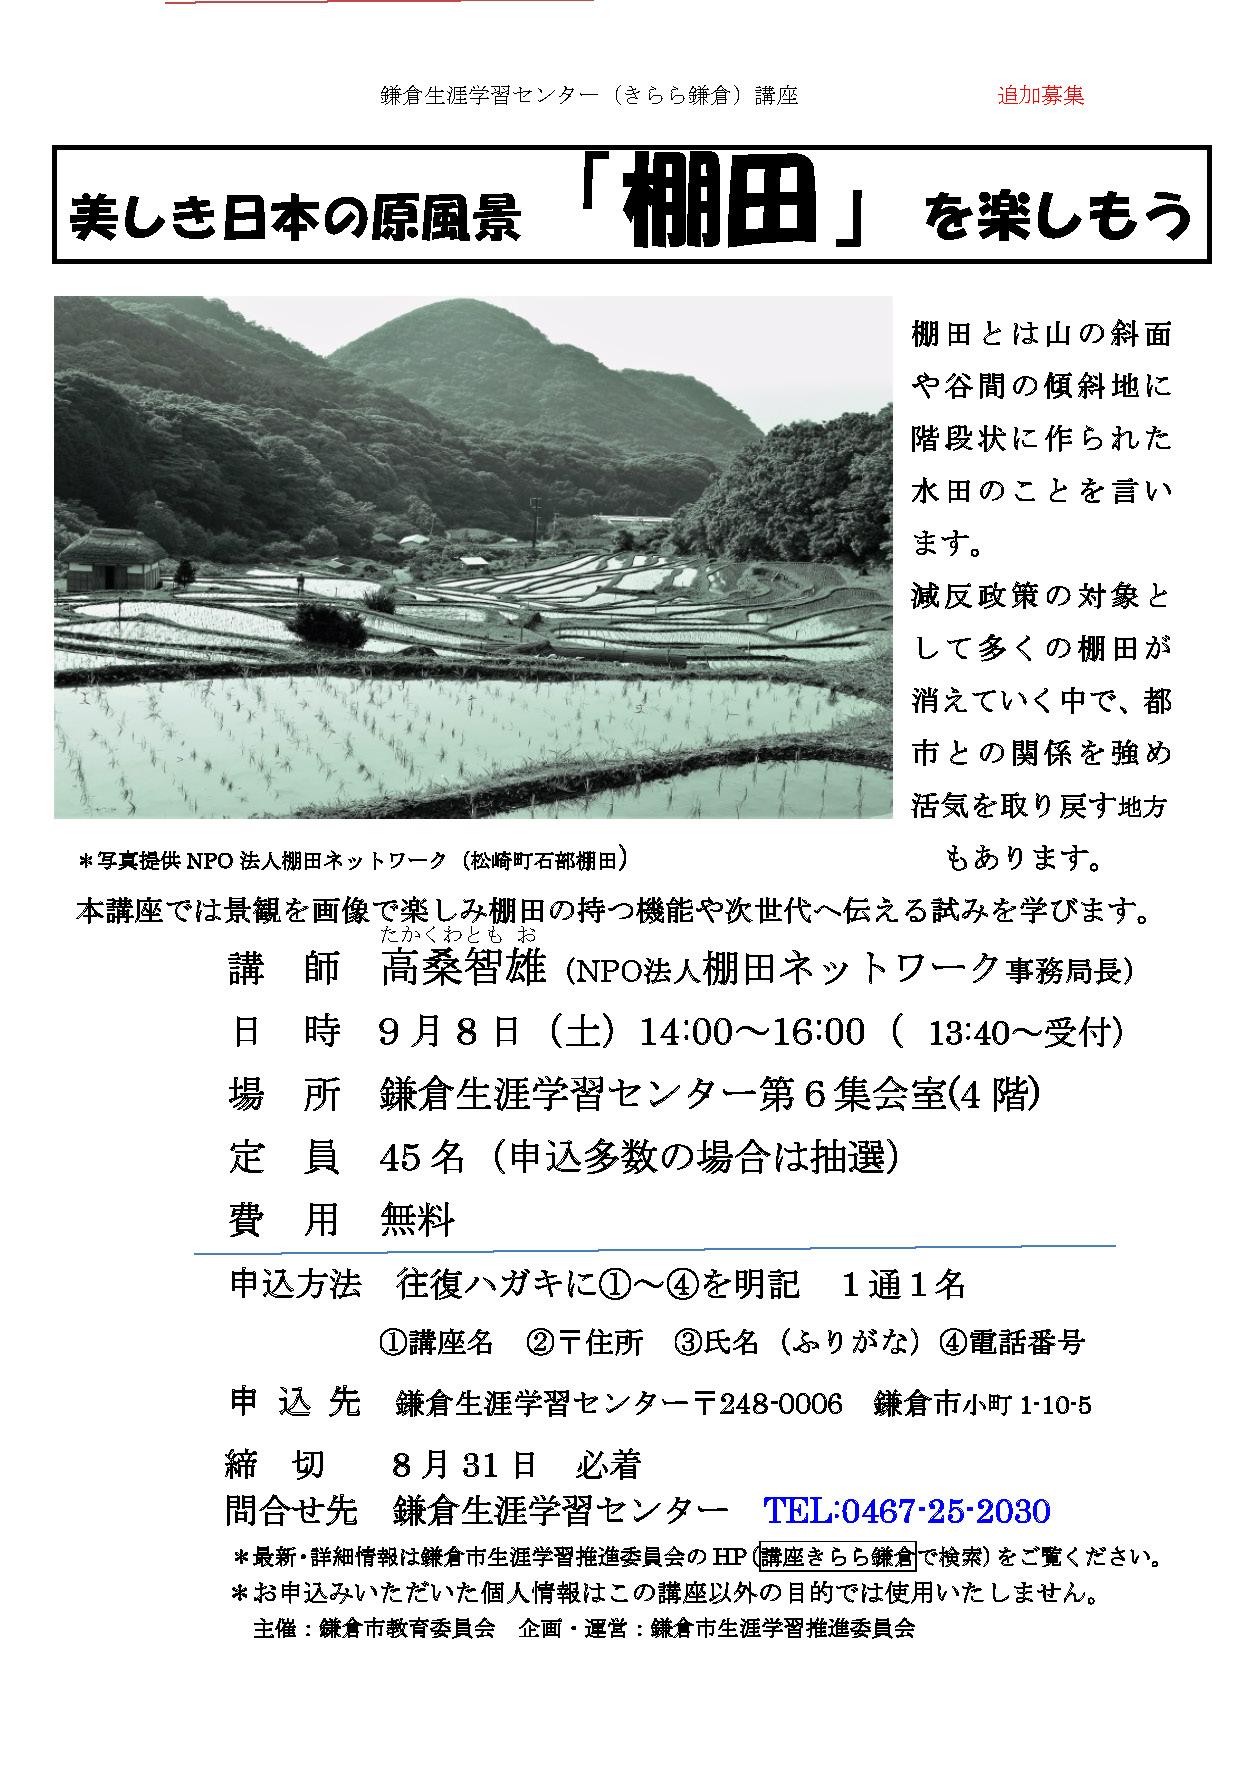 【イベント】9/8(土)鎌倉生涯学習センターにて出張棚田講座を開催します!